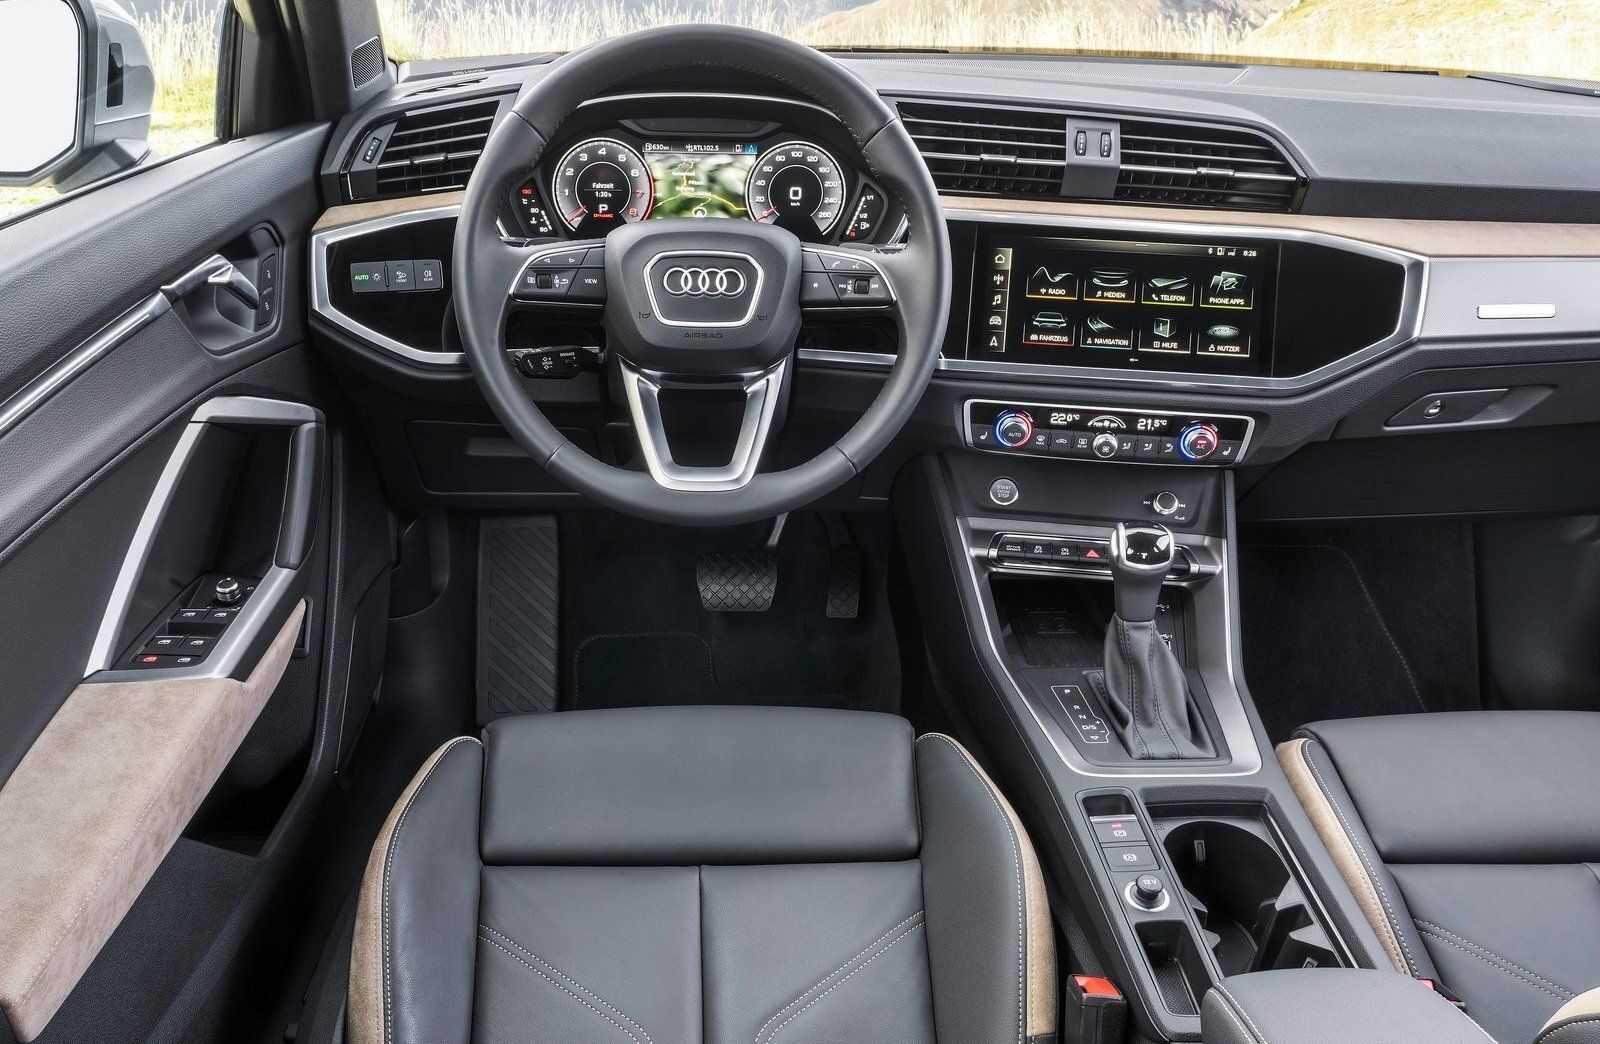 Ауди sq7 2021 новый кузов, цены, комплектации, фото, видео тест-драйв